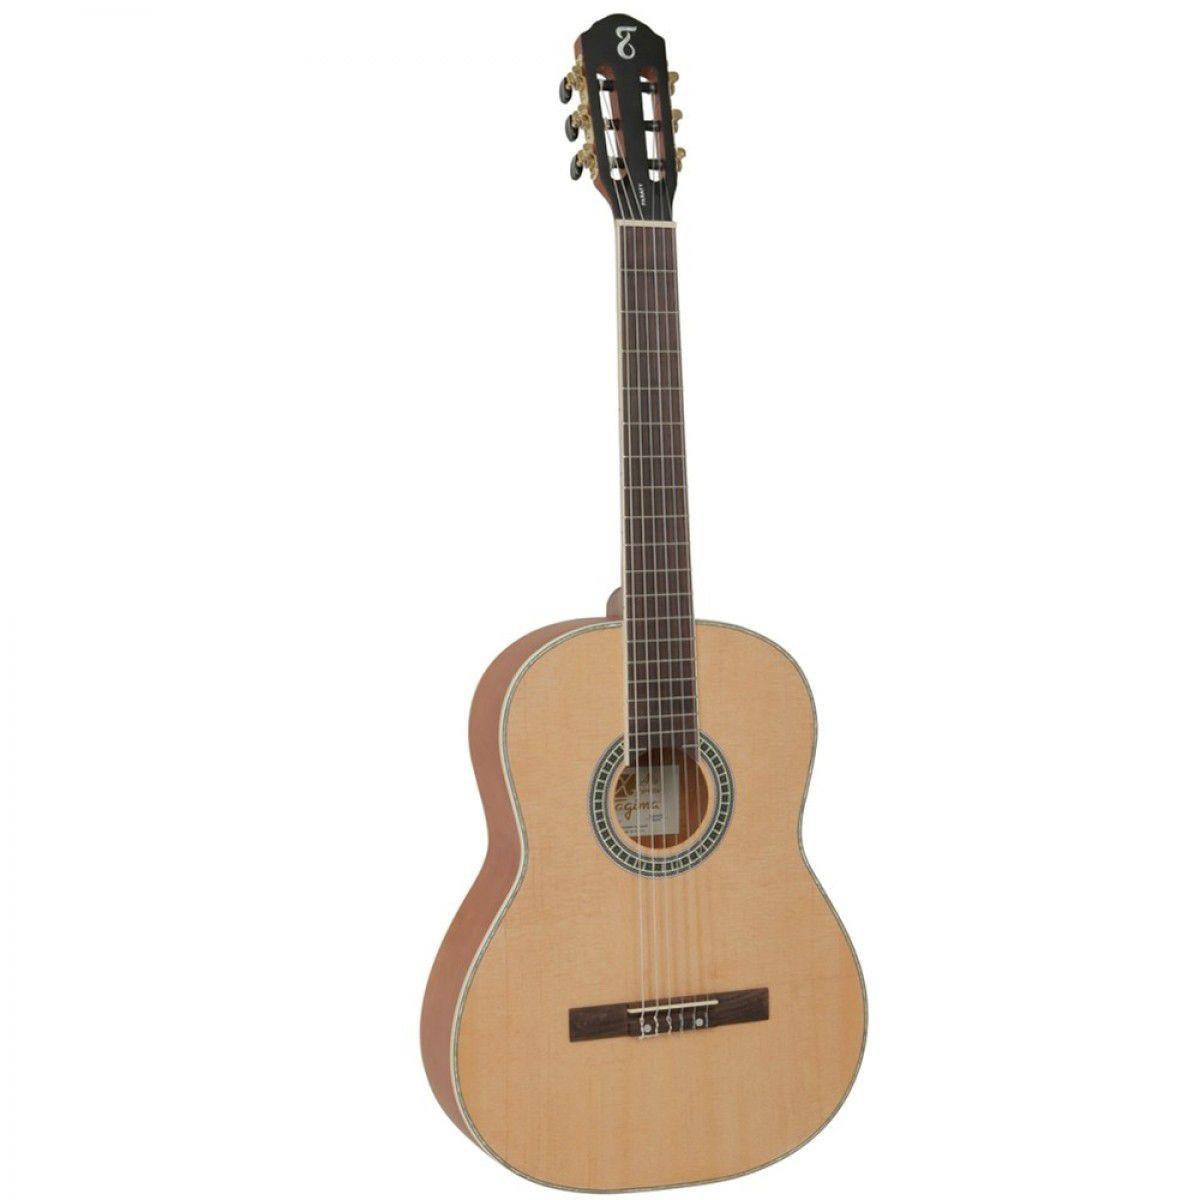 Violão Tagima Paraty Nylon Acústico  - Luggi Instrumentos Musicais